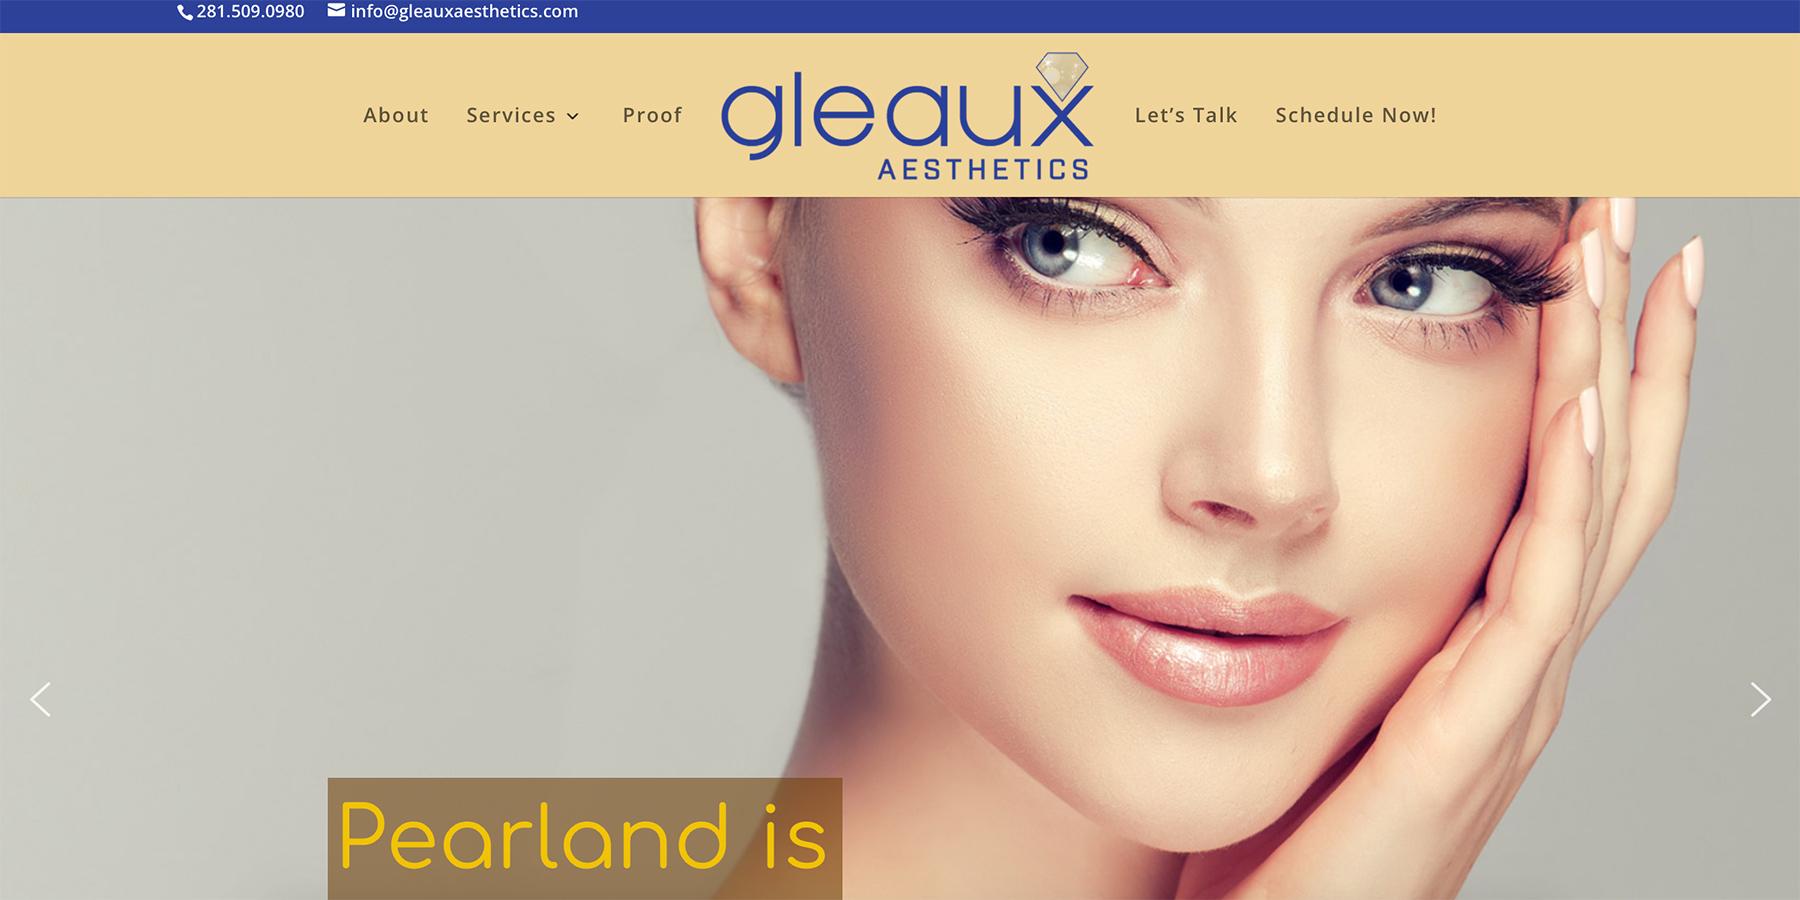 Gleaux Aesthetics